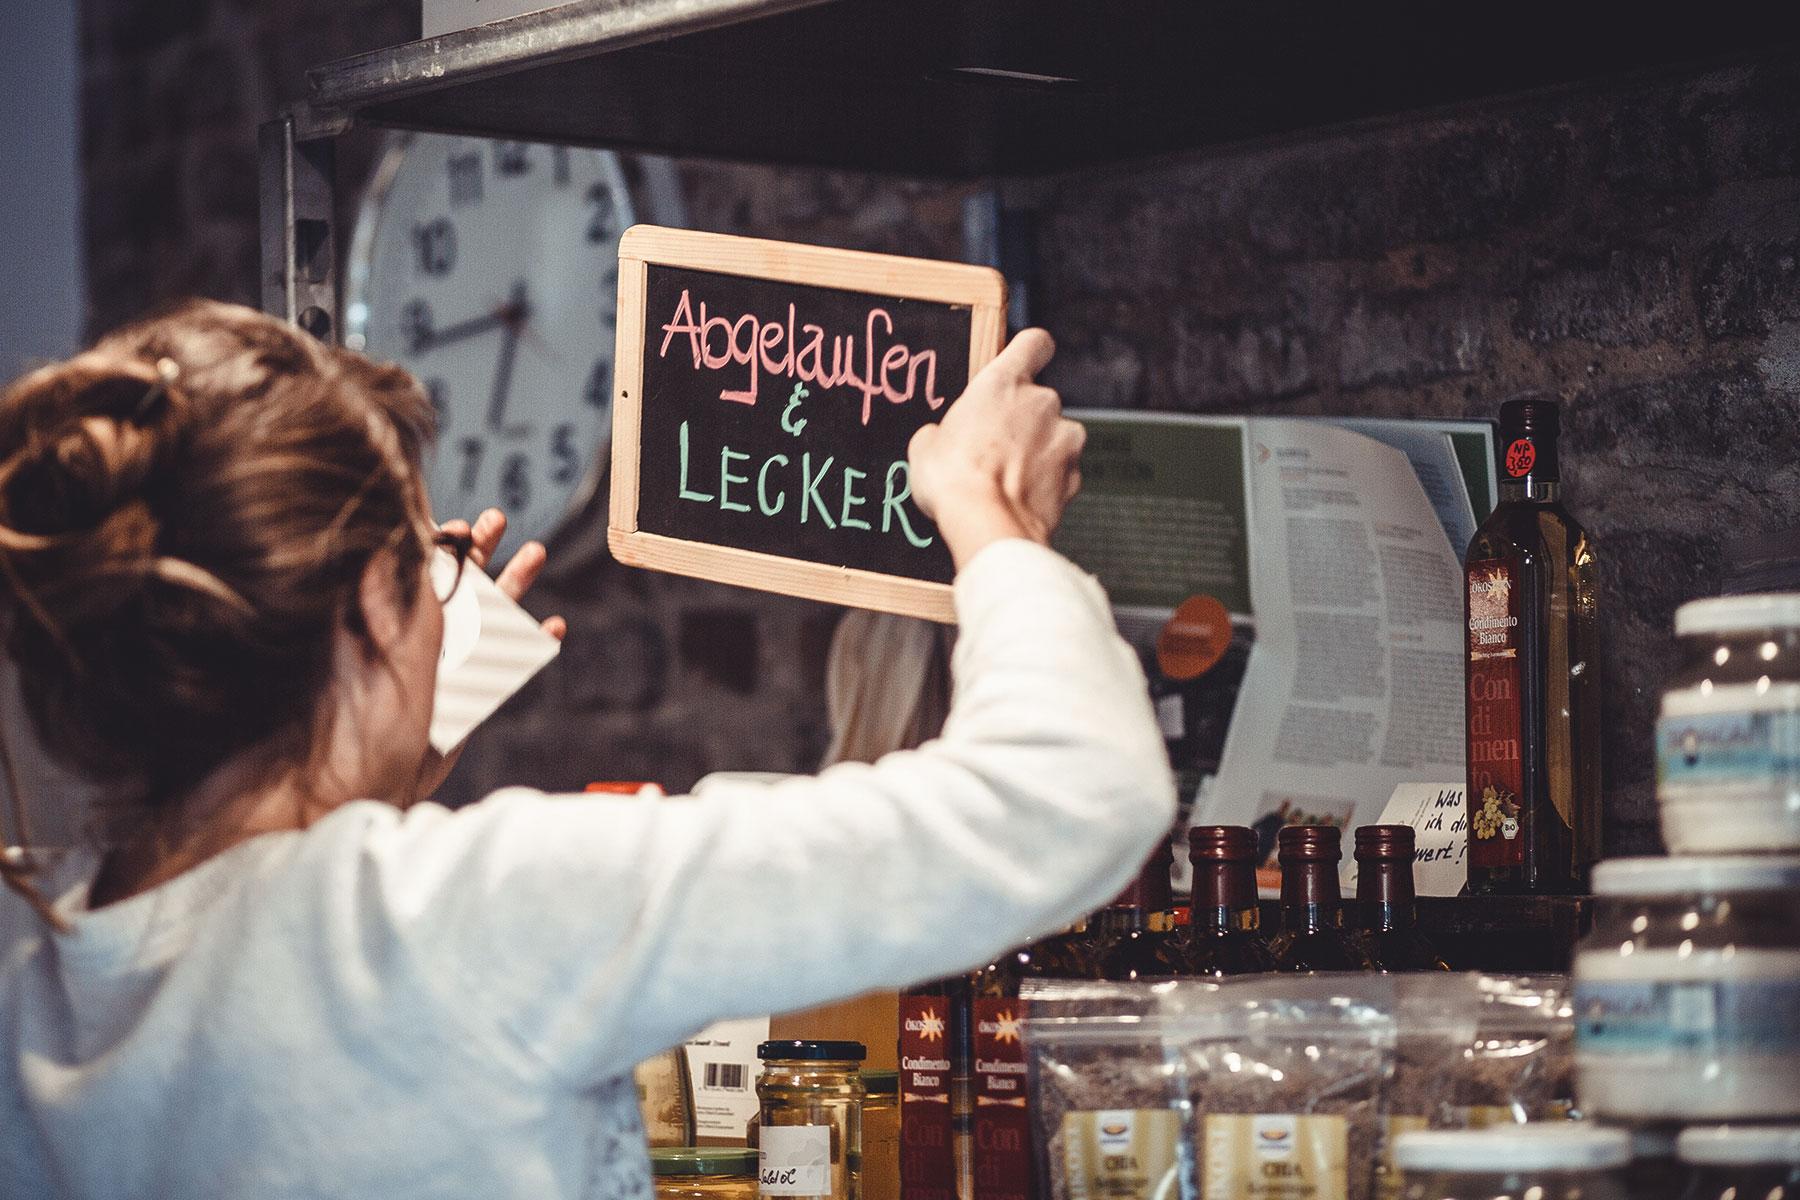 Geheimtipp Tipp Koeln Essen Laden Supermarkt Biomarkt Wochenende